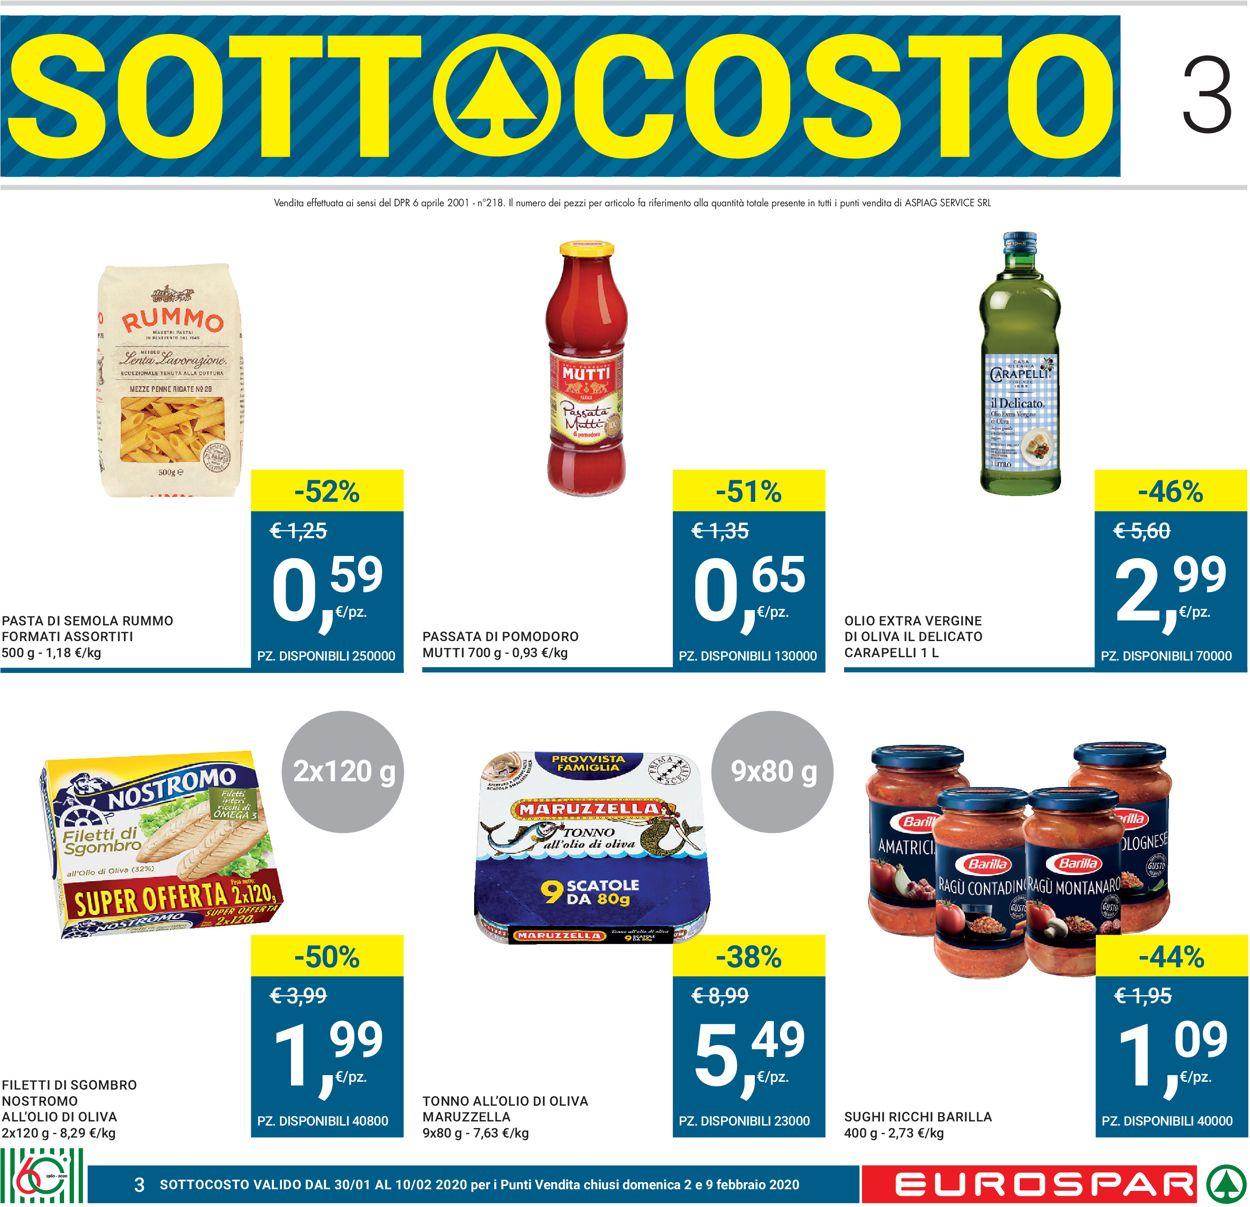 Volantino Eurospar - Offerte 30/01-12/02/2020 (Pagina 3)